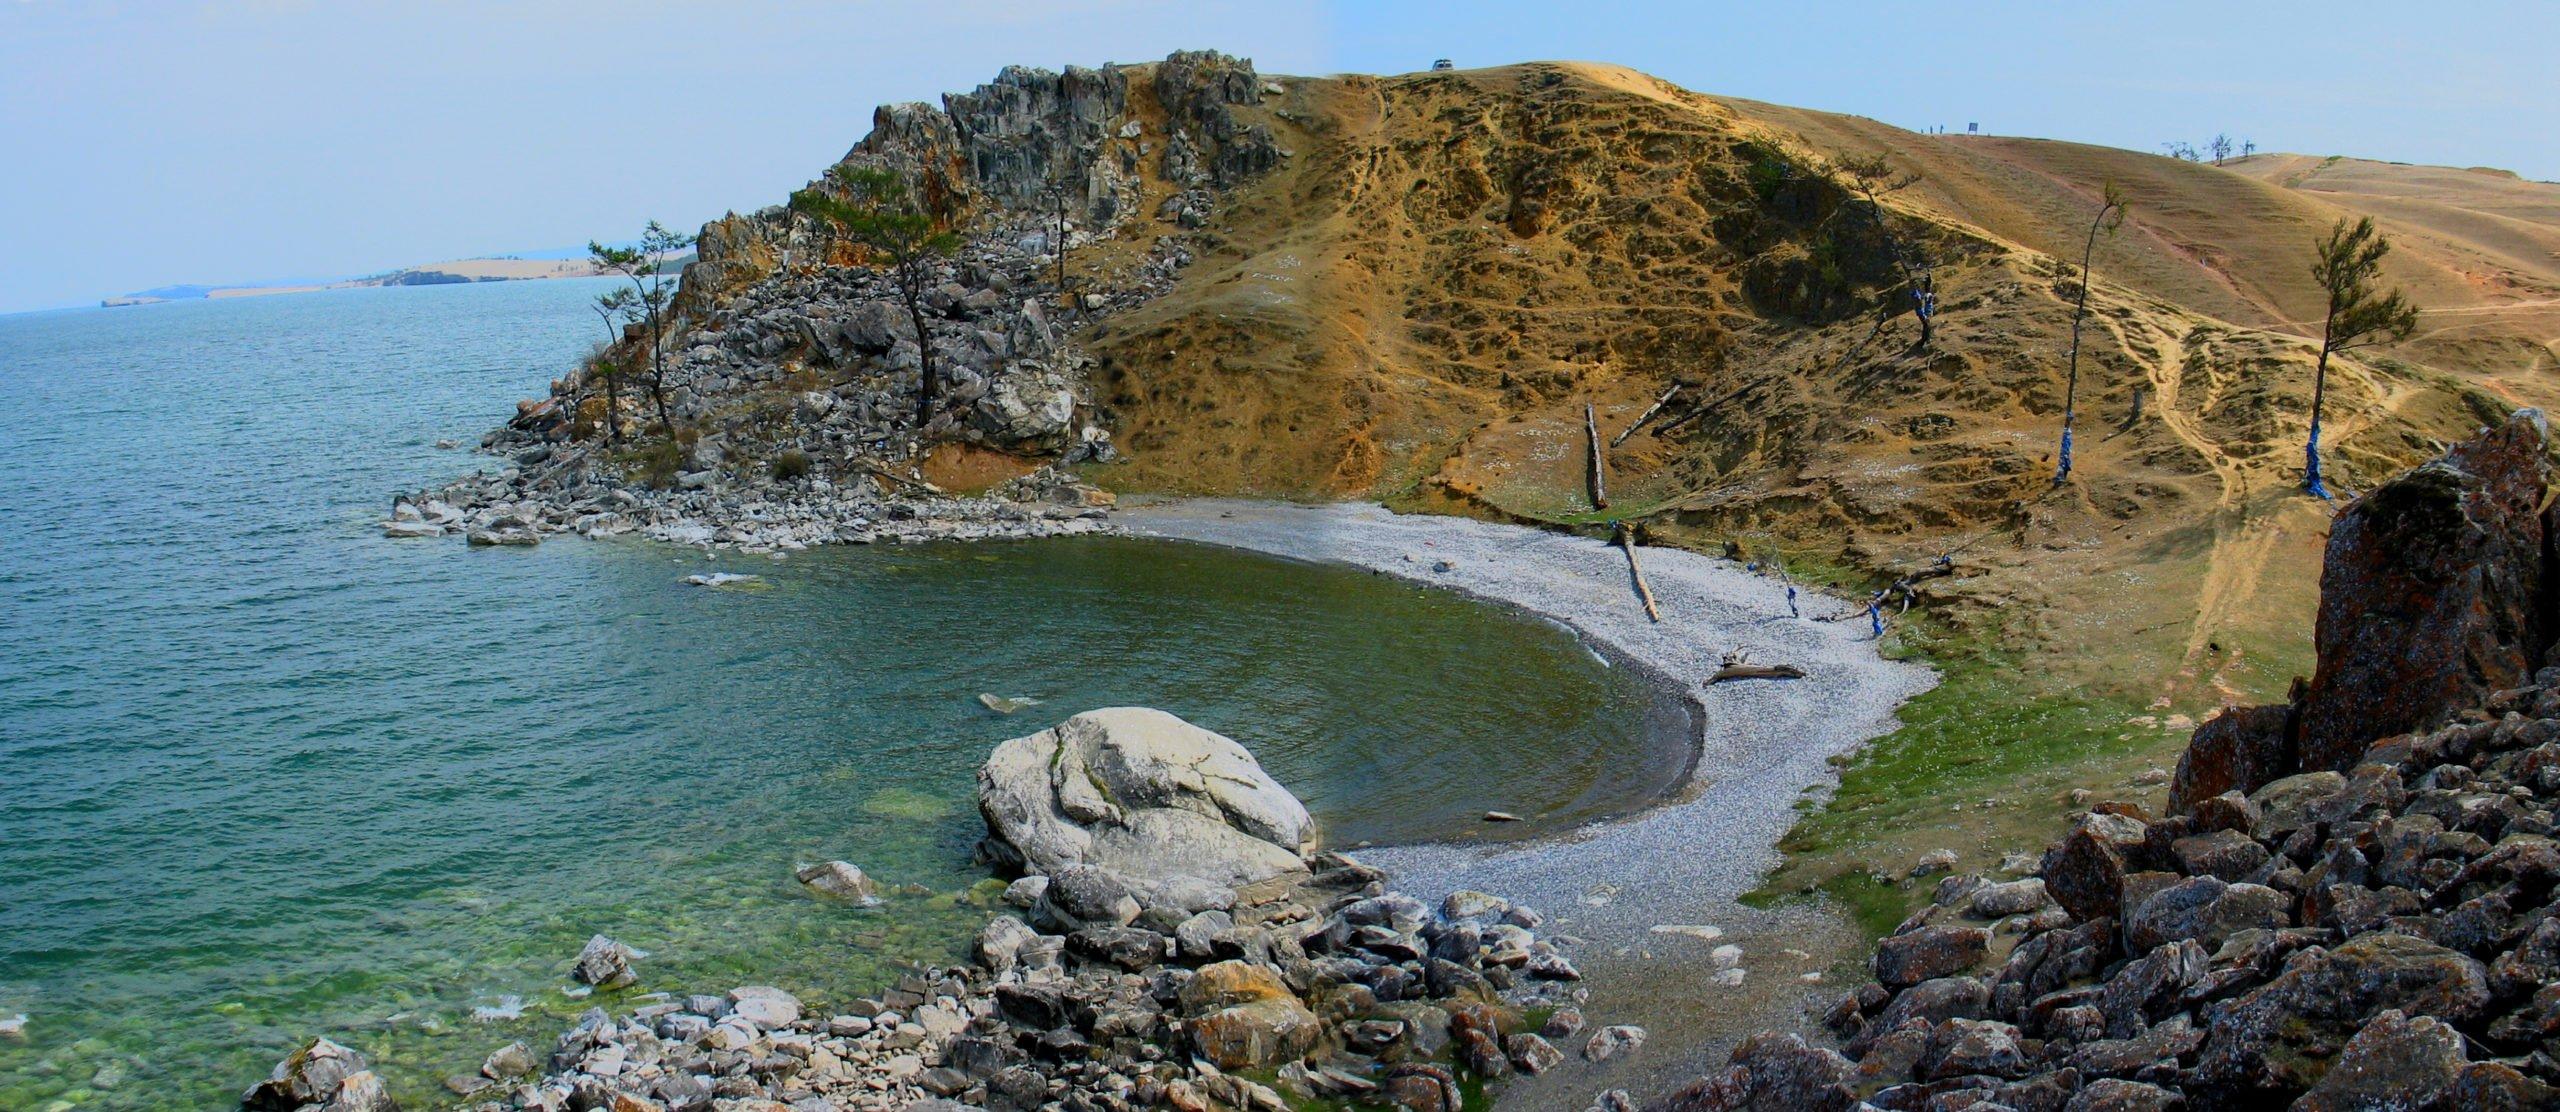 Putovanje Rusija - Bajkalsko jezero (11)